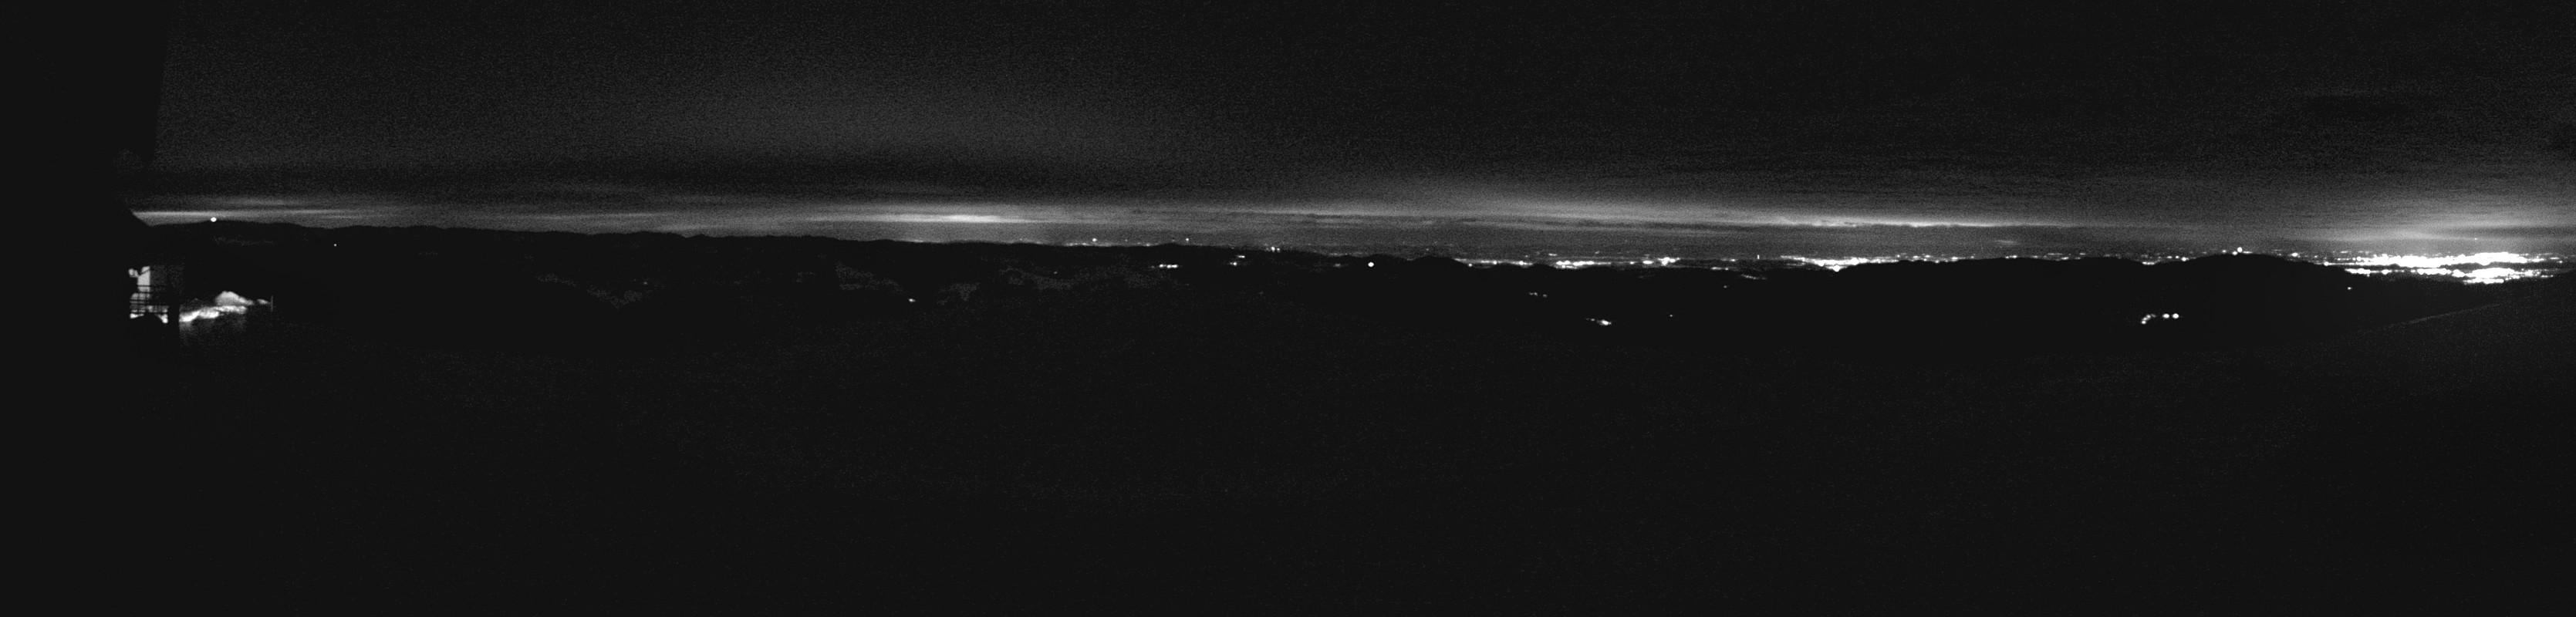 41h ago - 06:03